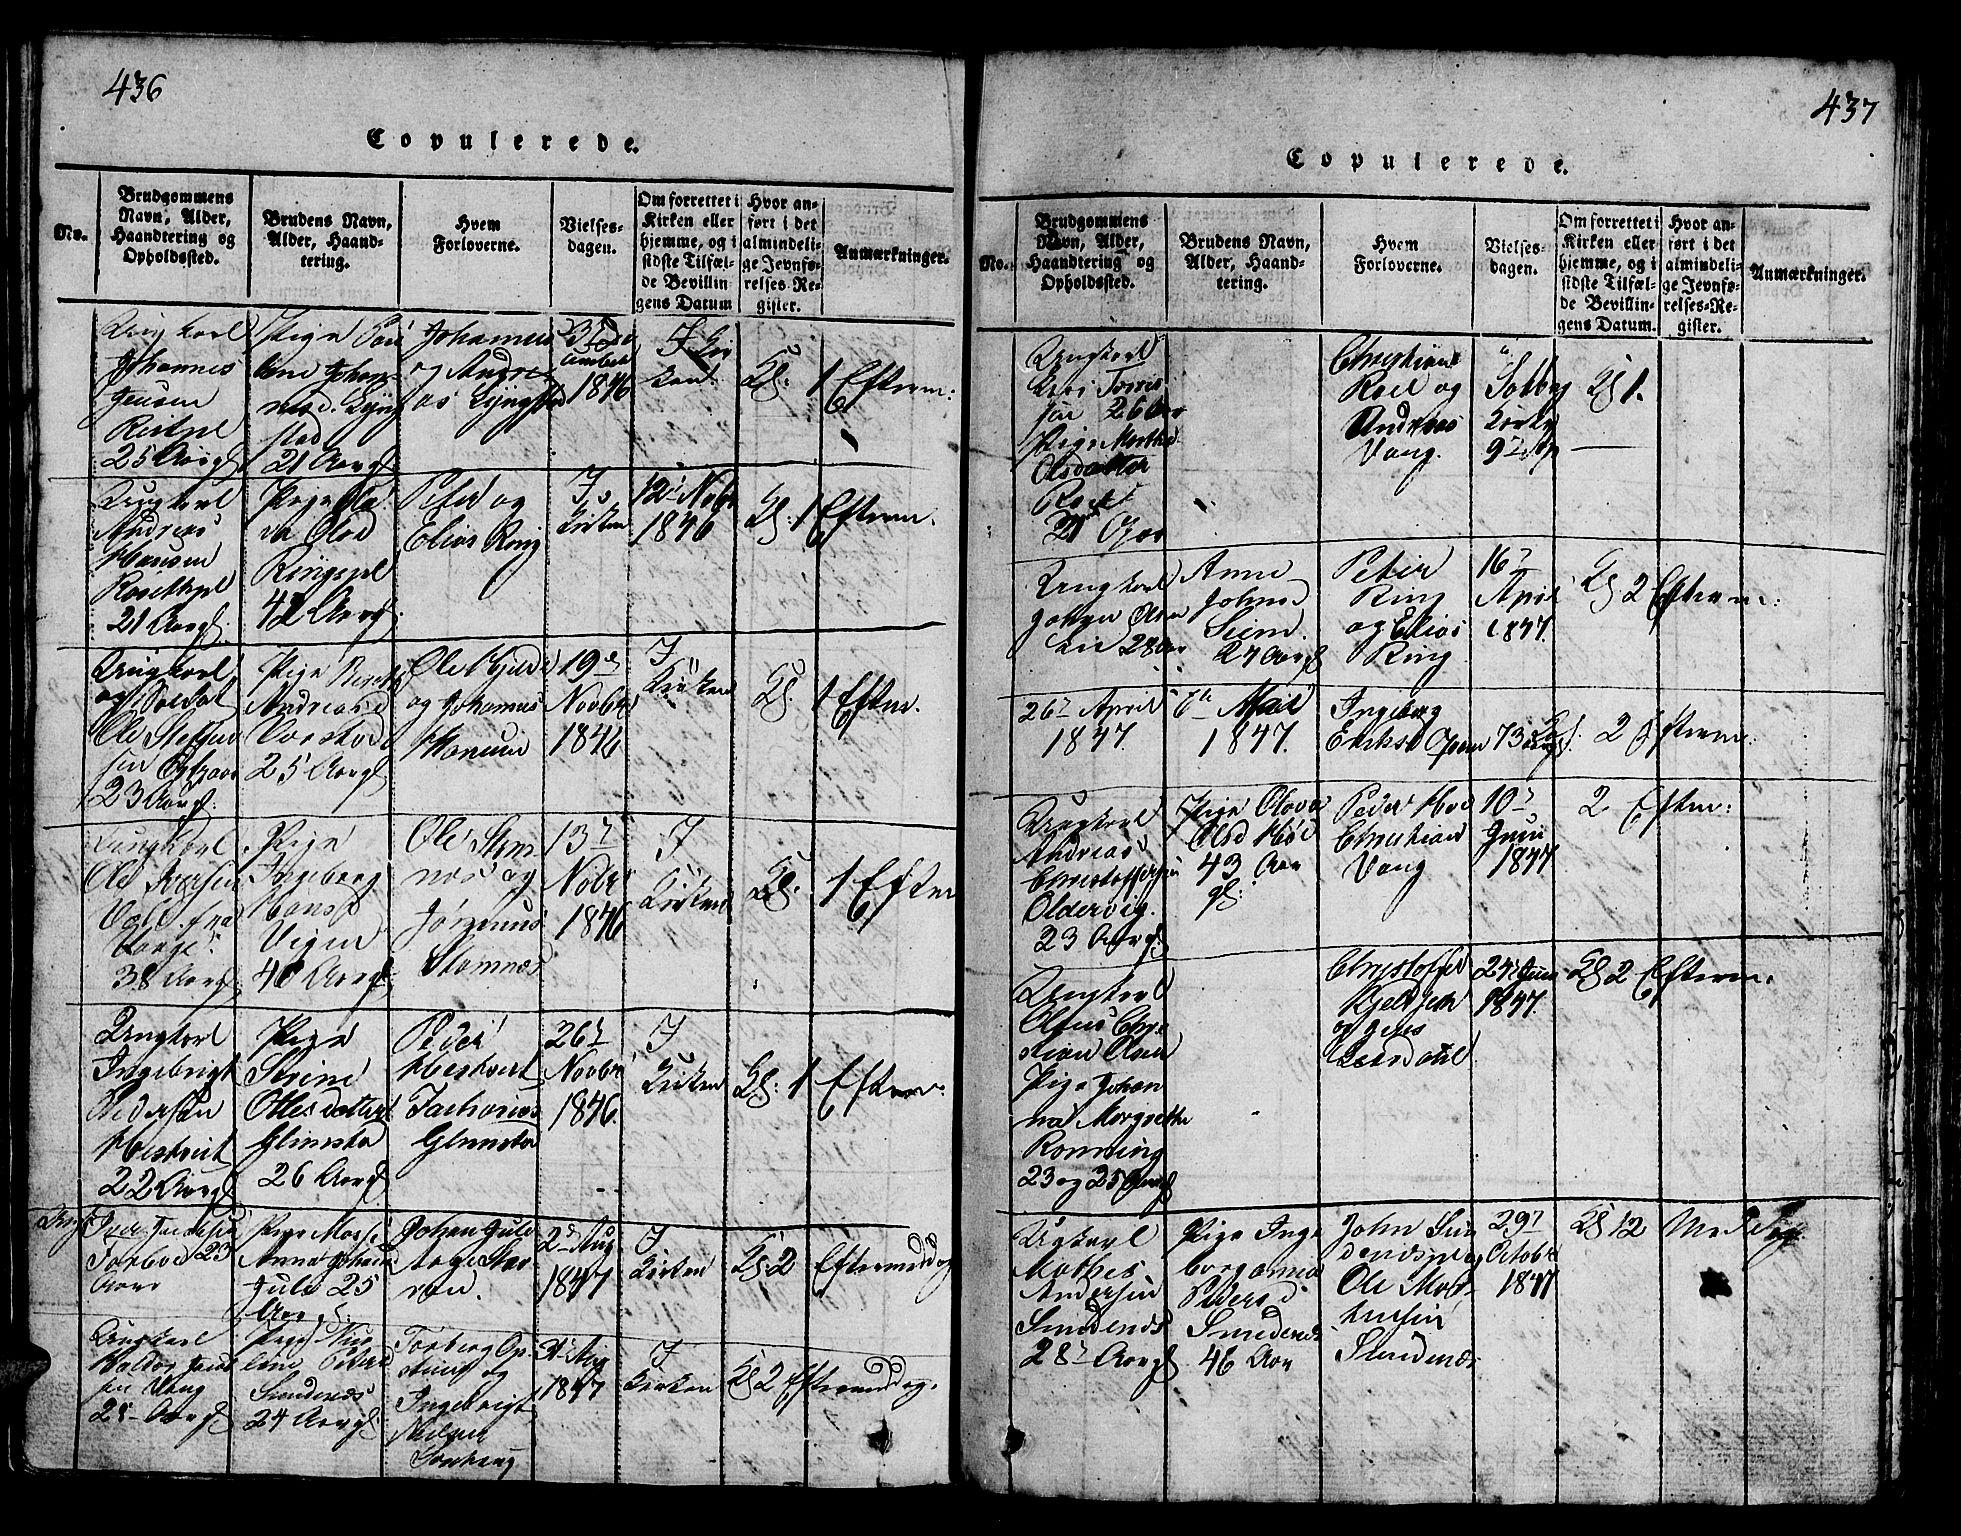 SAT, Ministerialprotokoller, klokkerbøker og fødselsregistre - Nord-Trøndelag, 730/L0298: Klokkerbok nr. 730C01, 1816-1849, s. 436-437